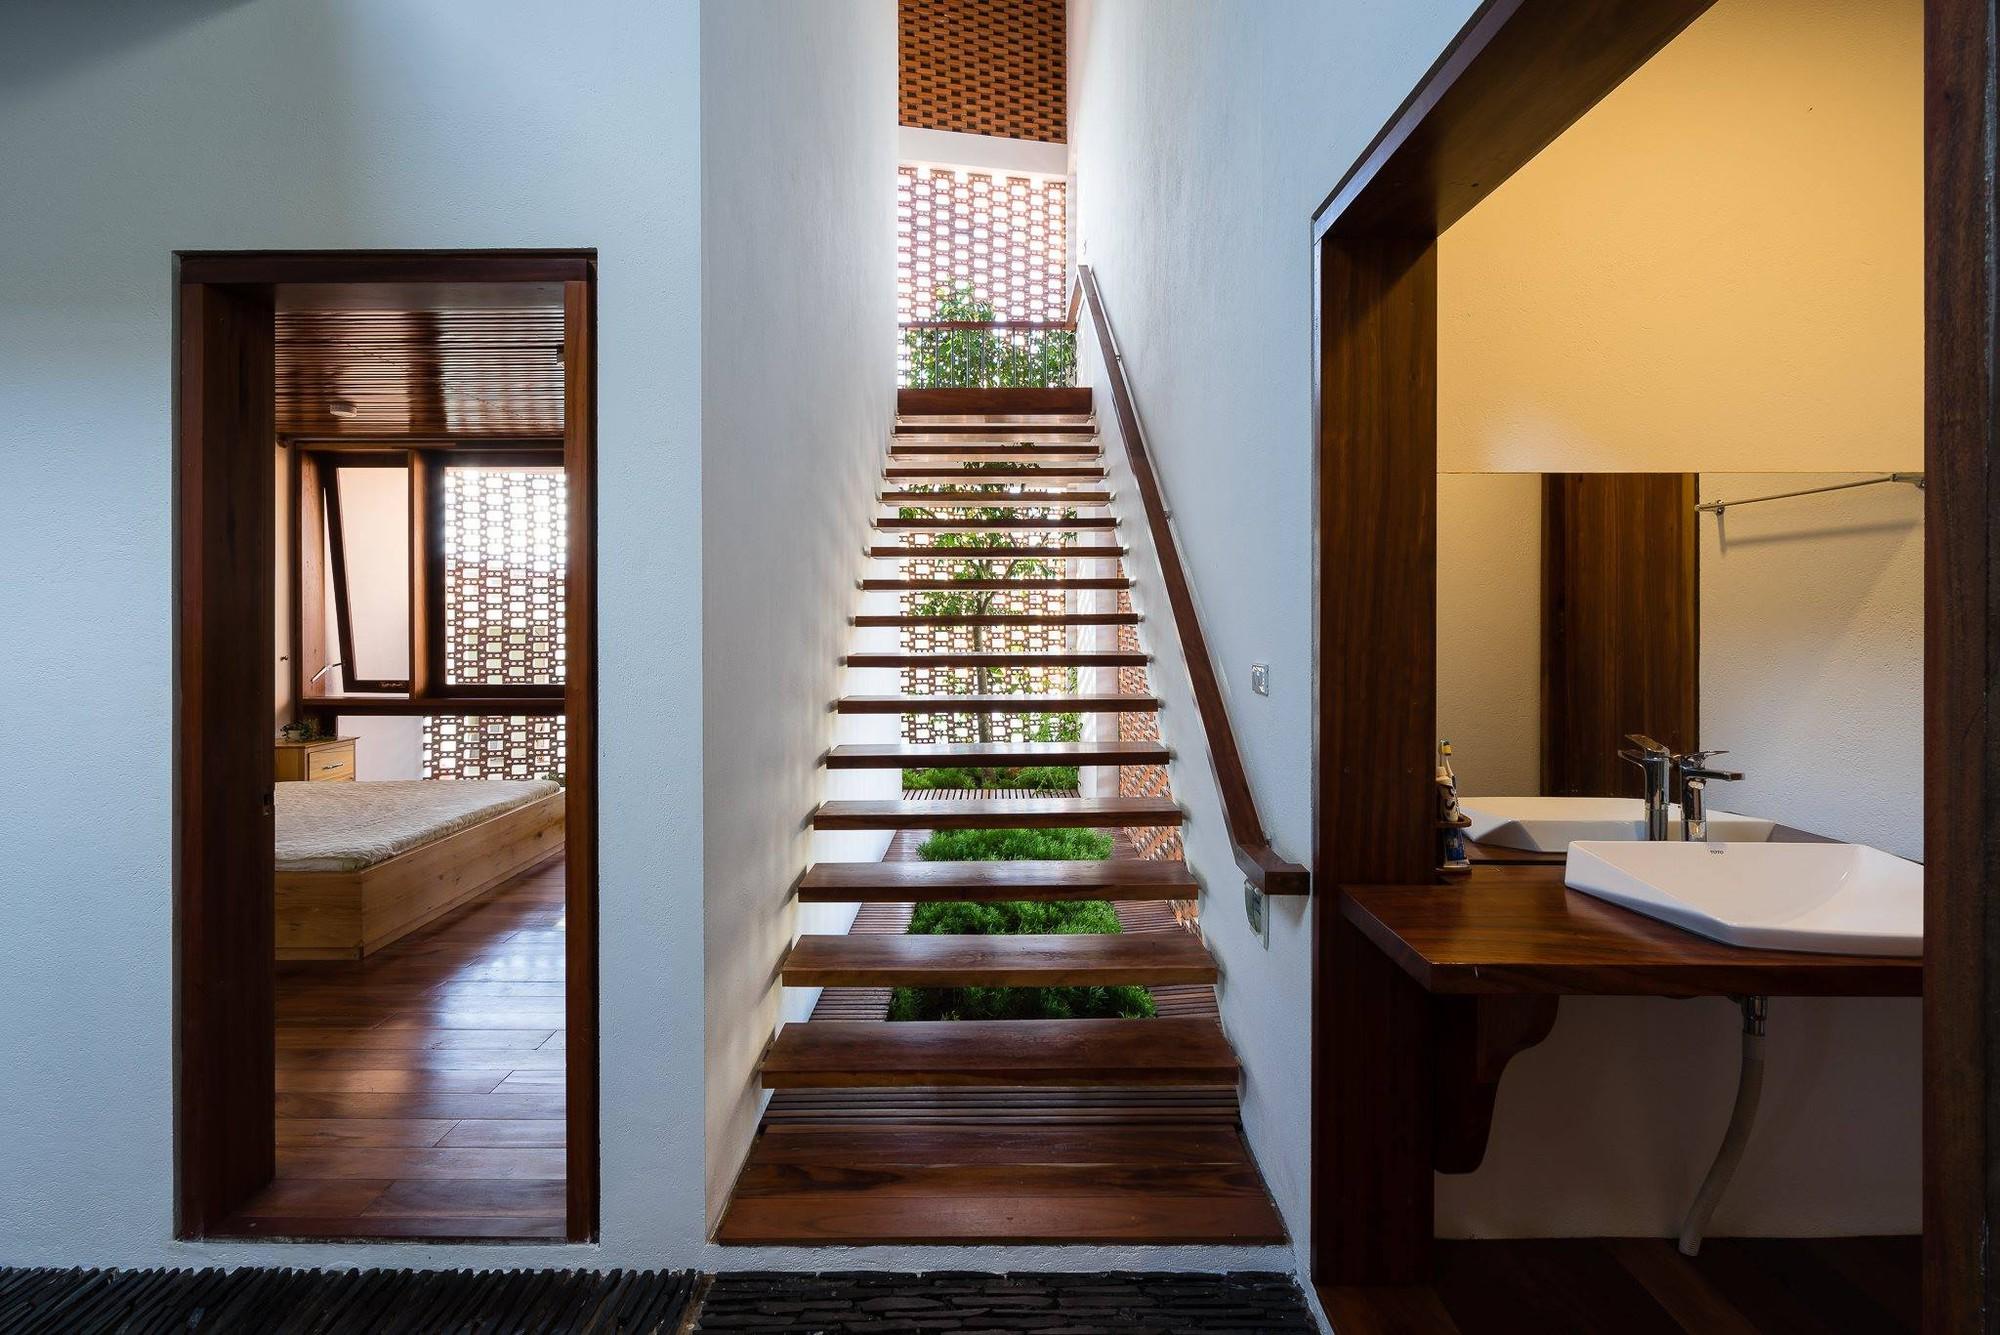 nha-dep-15-15317087448811412358970 Ngôi nhà mái ngói cấp 4 đẹp như resort khiến nhiều người ước mơ ở Lâm Đồng